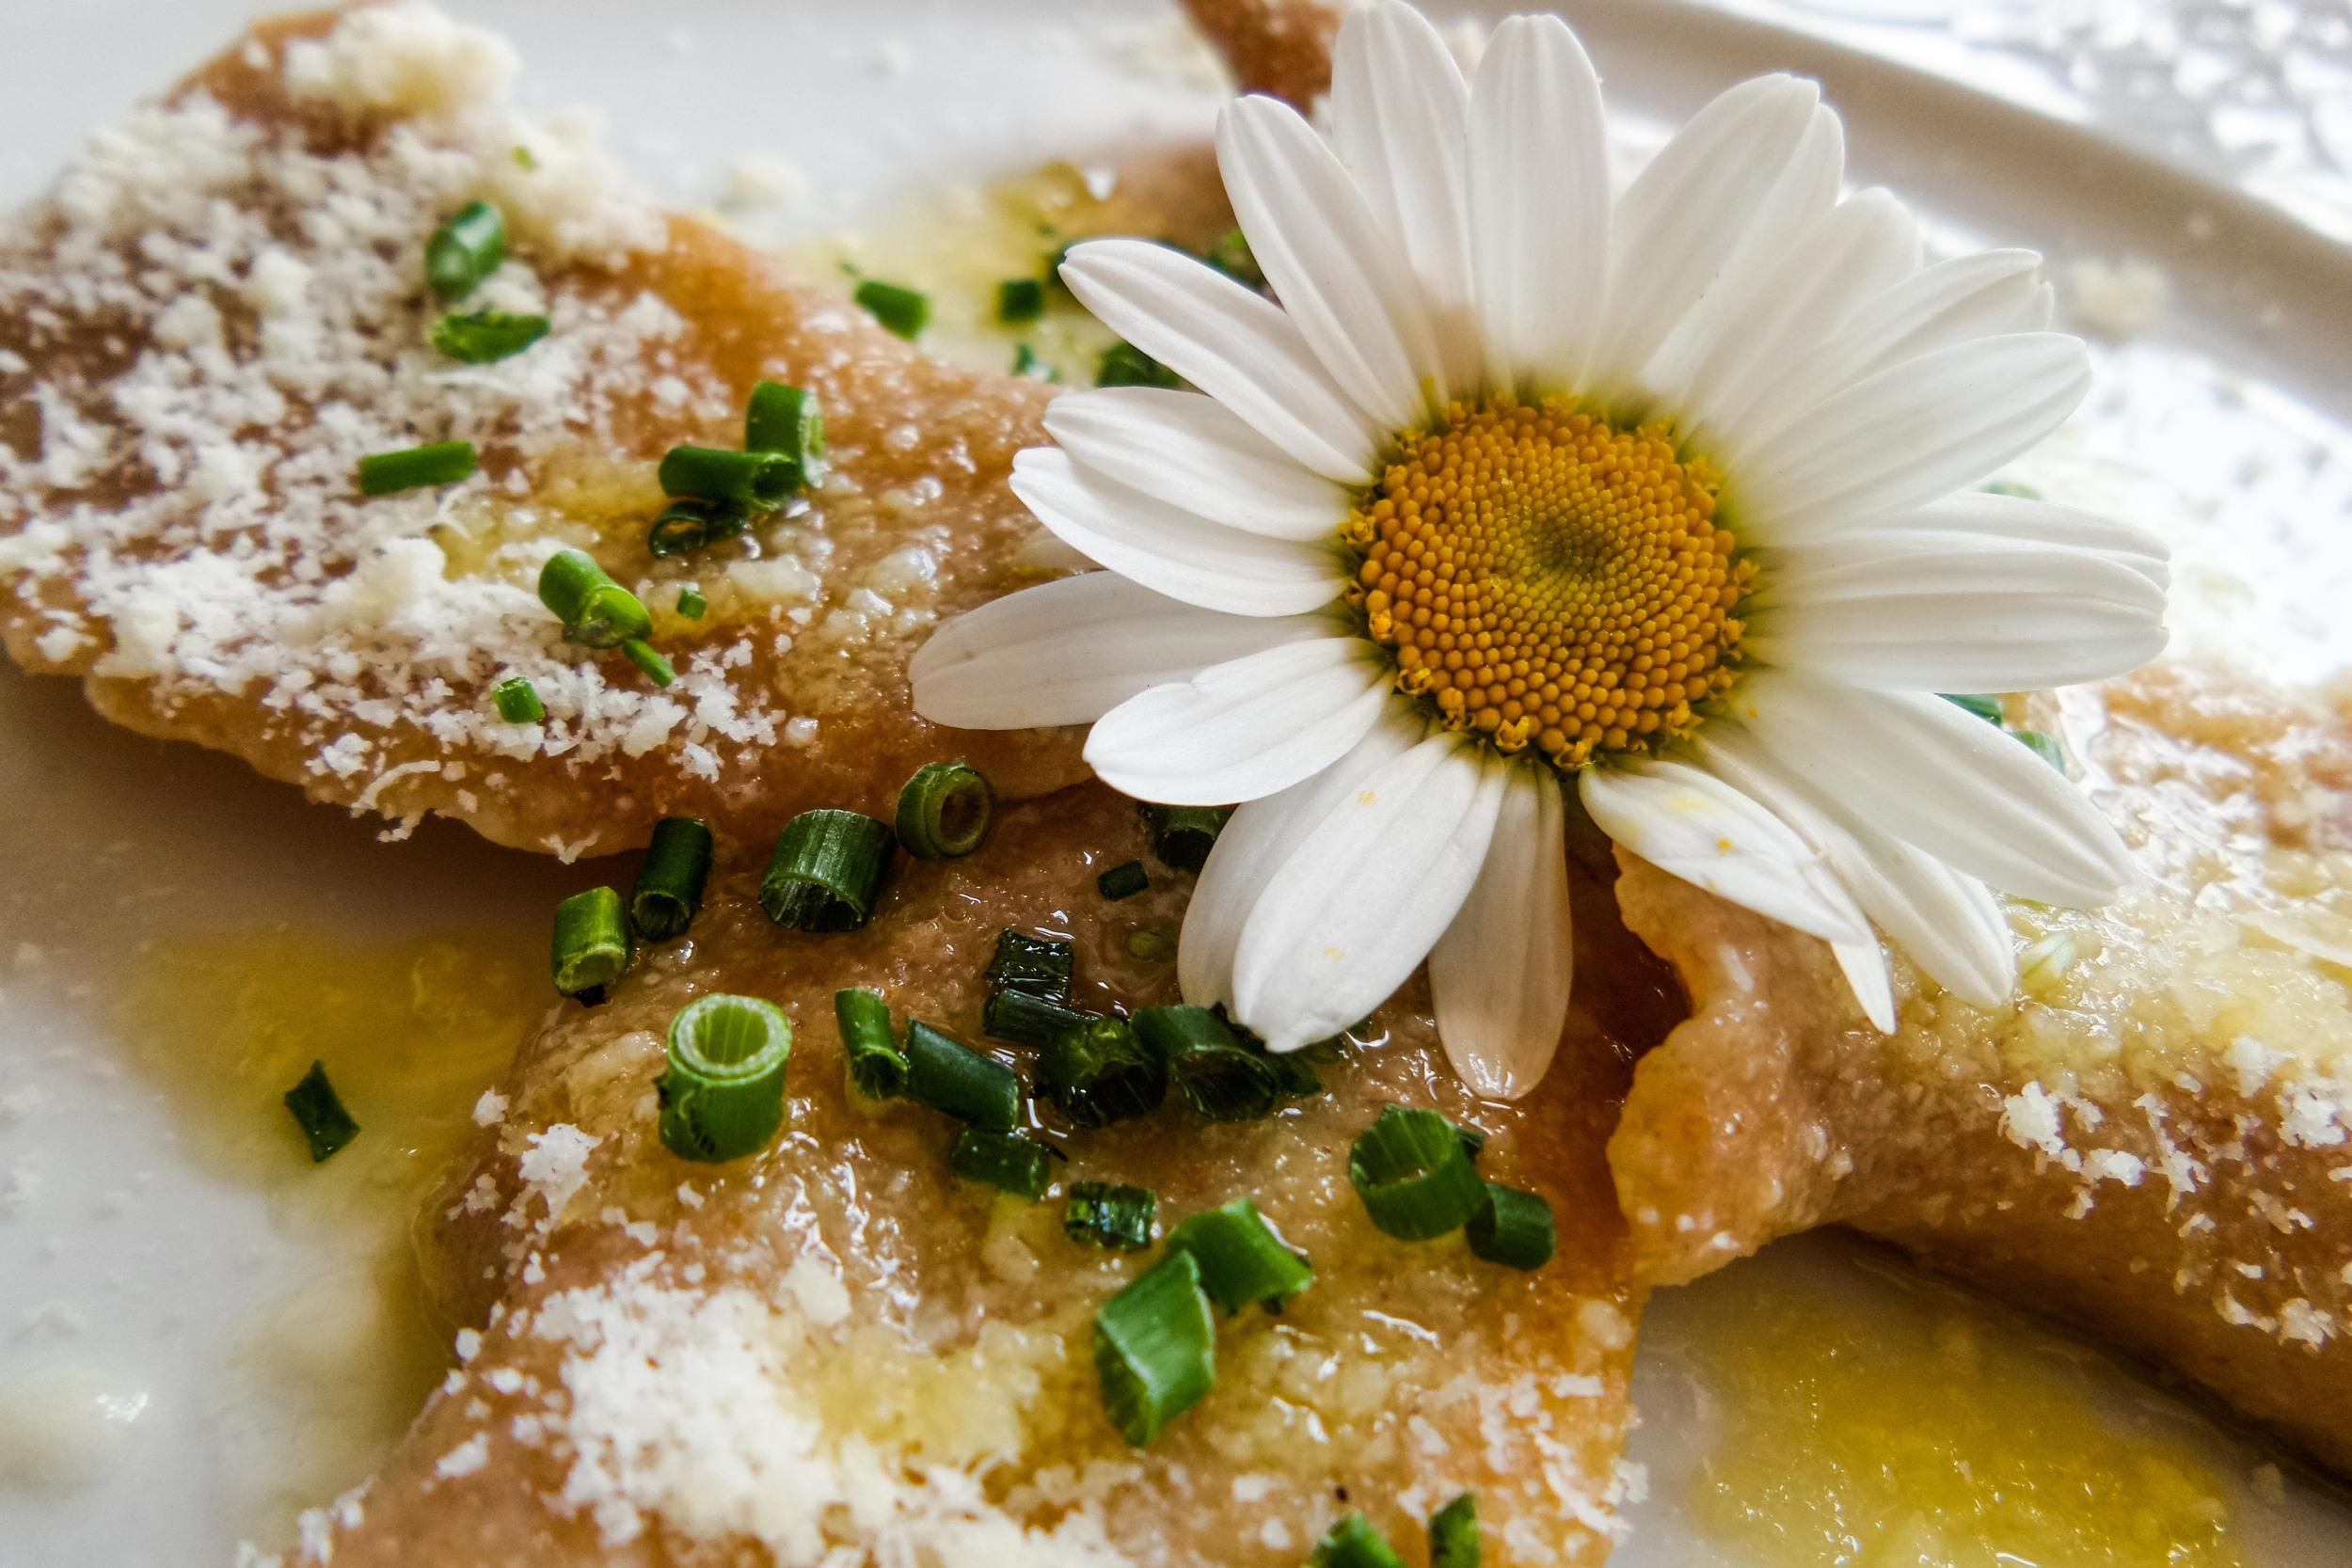 Vollkornteigtaschen mit Ricotta-Kräuterfüllung